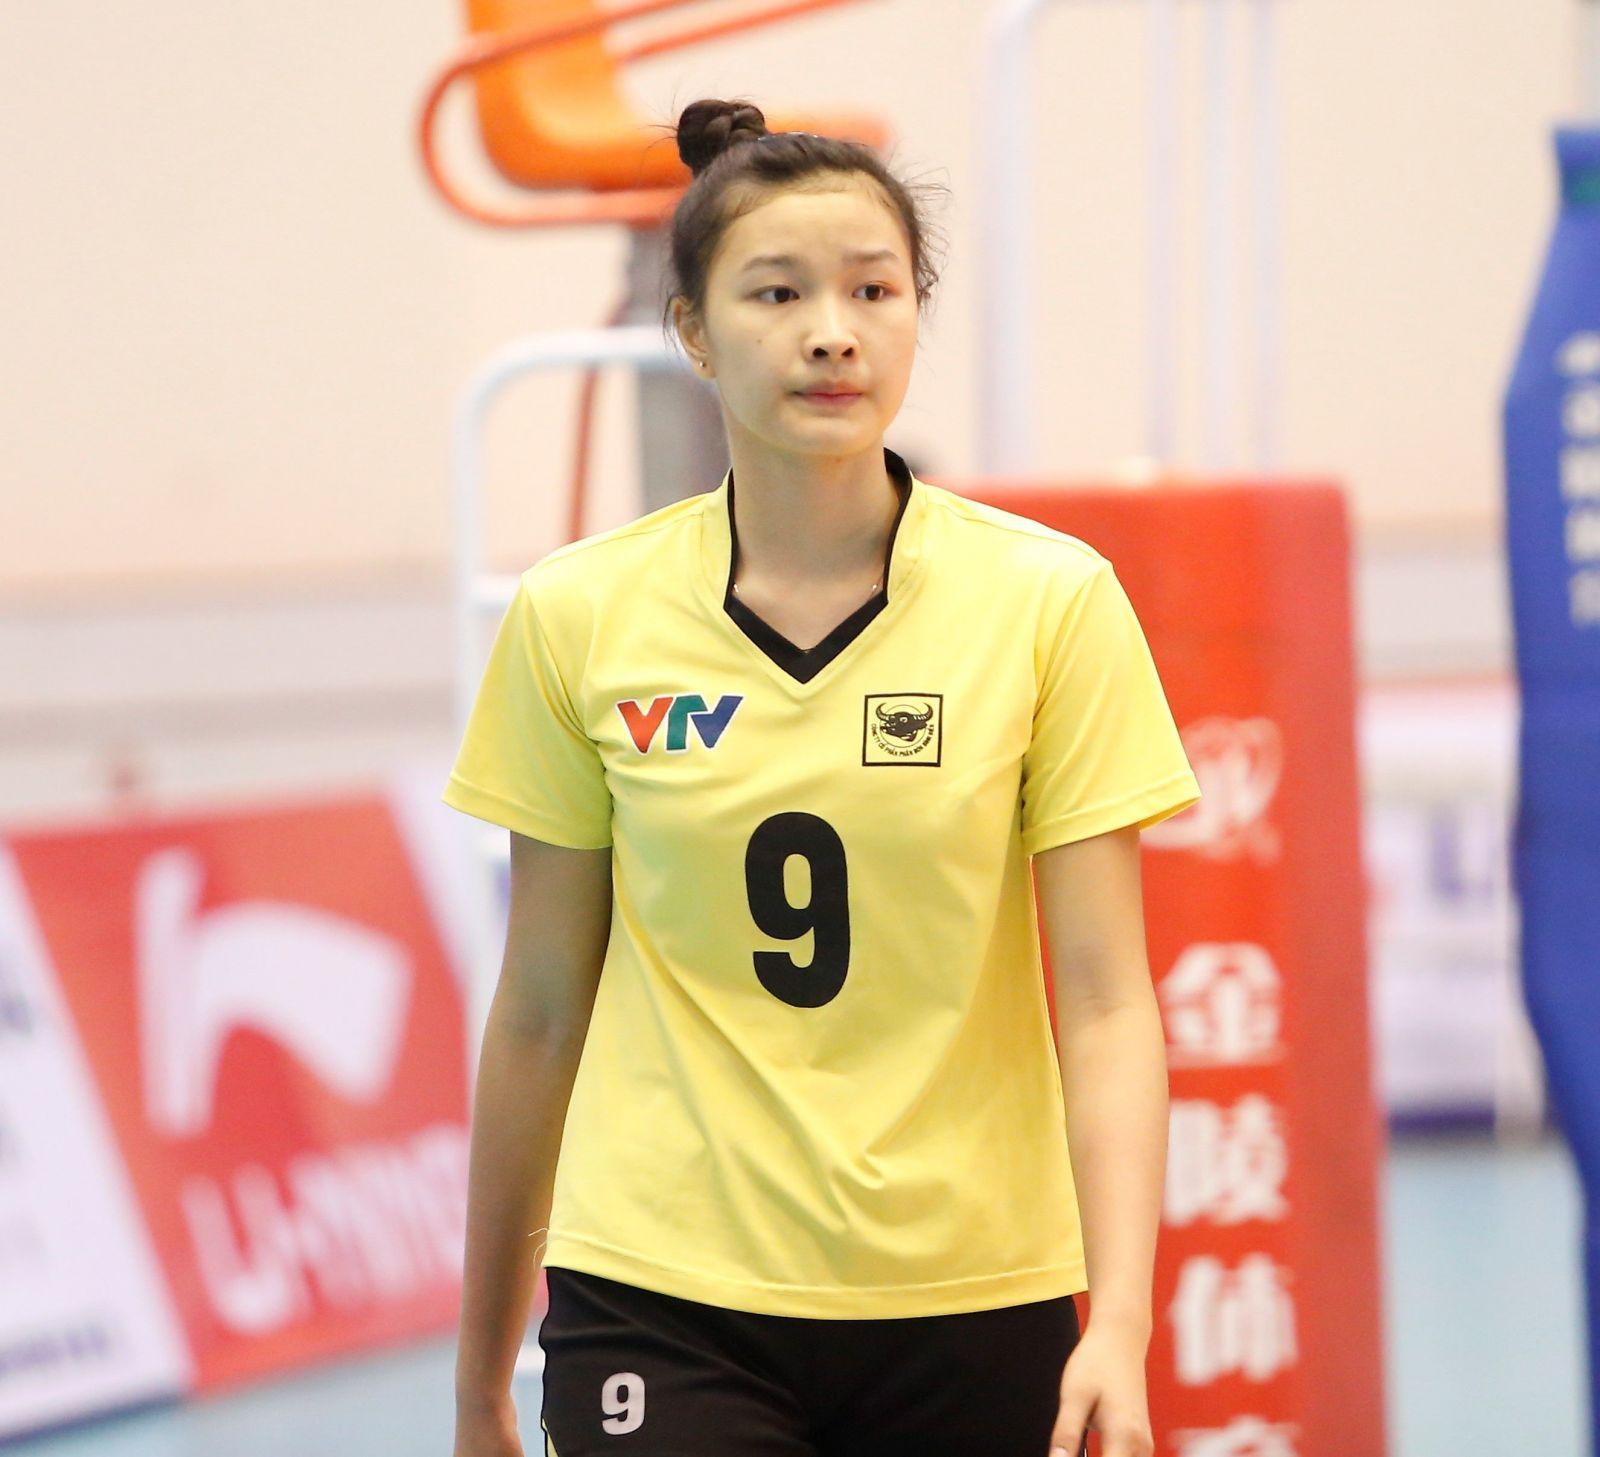 Cặp chị em bóng chuyền Việt Nam: Sắc nước hương trời, tài năng thiên phú - Ảnh 14.